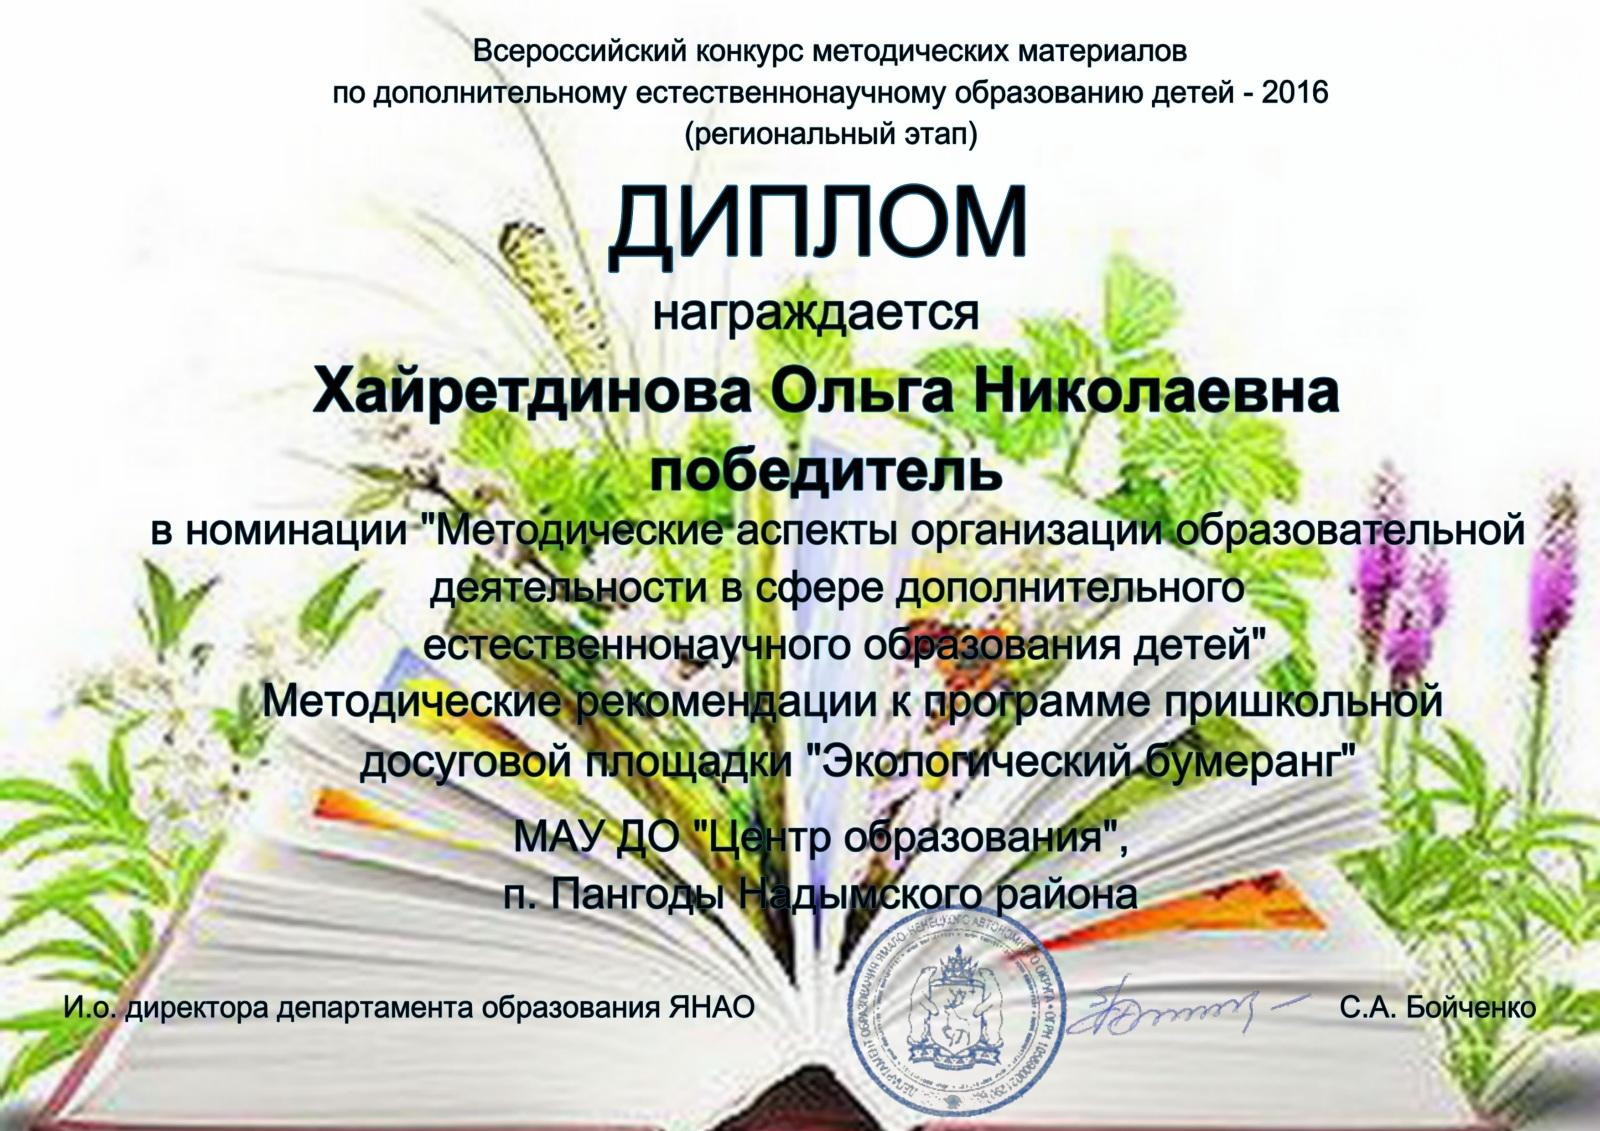 Всероссийский конкурс методических работ